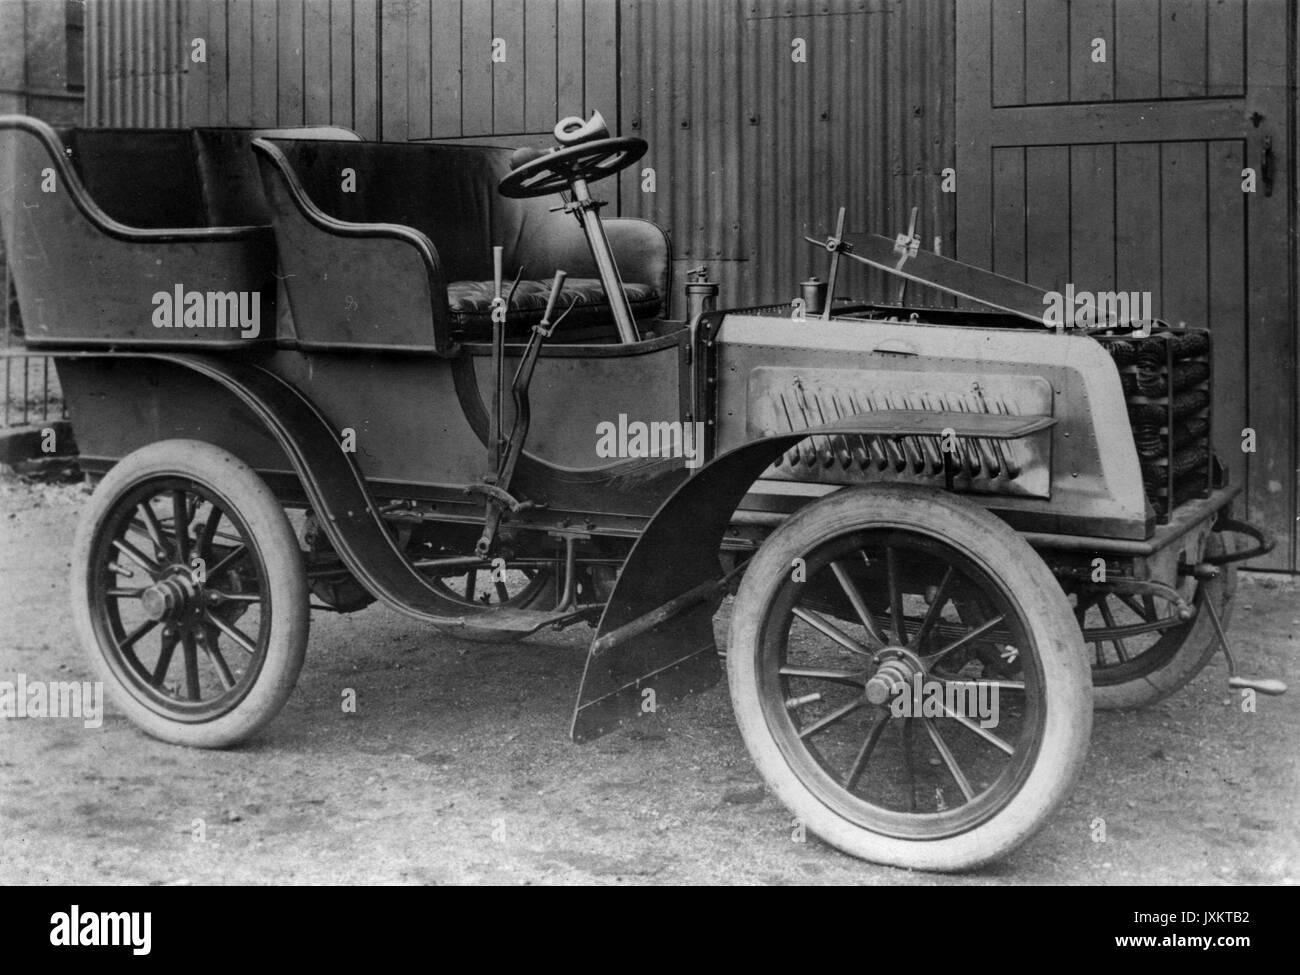 Charming First Car Built Photos - Classic Cars Ideas - boiq.info